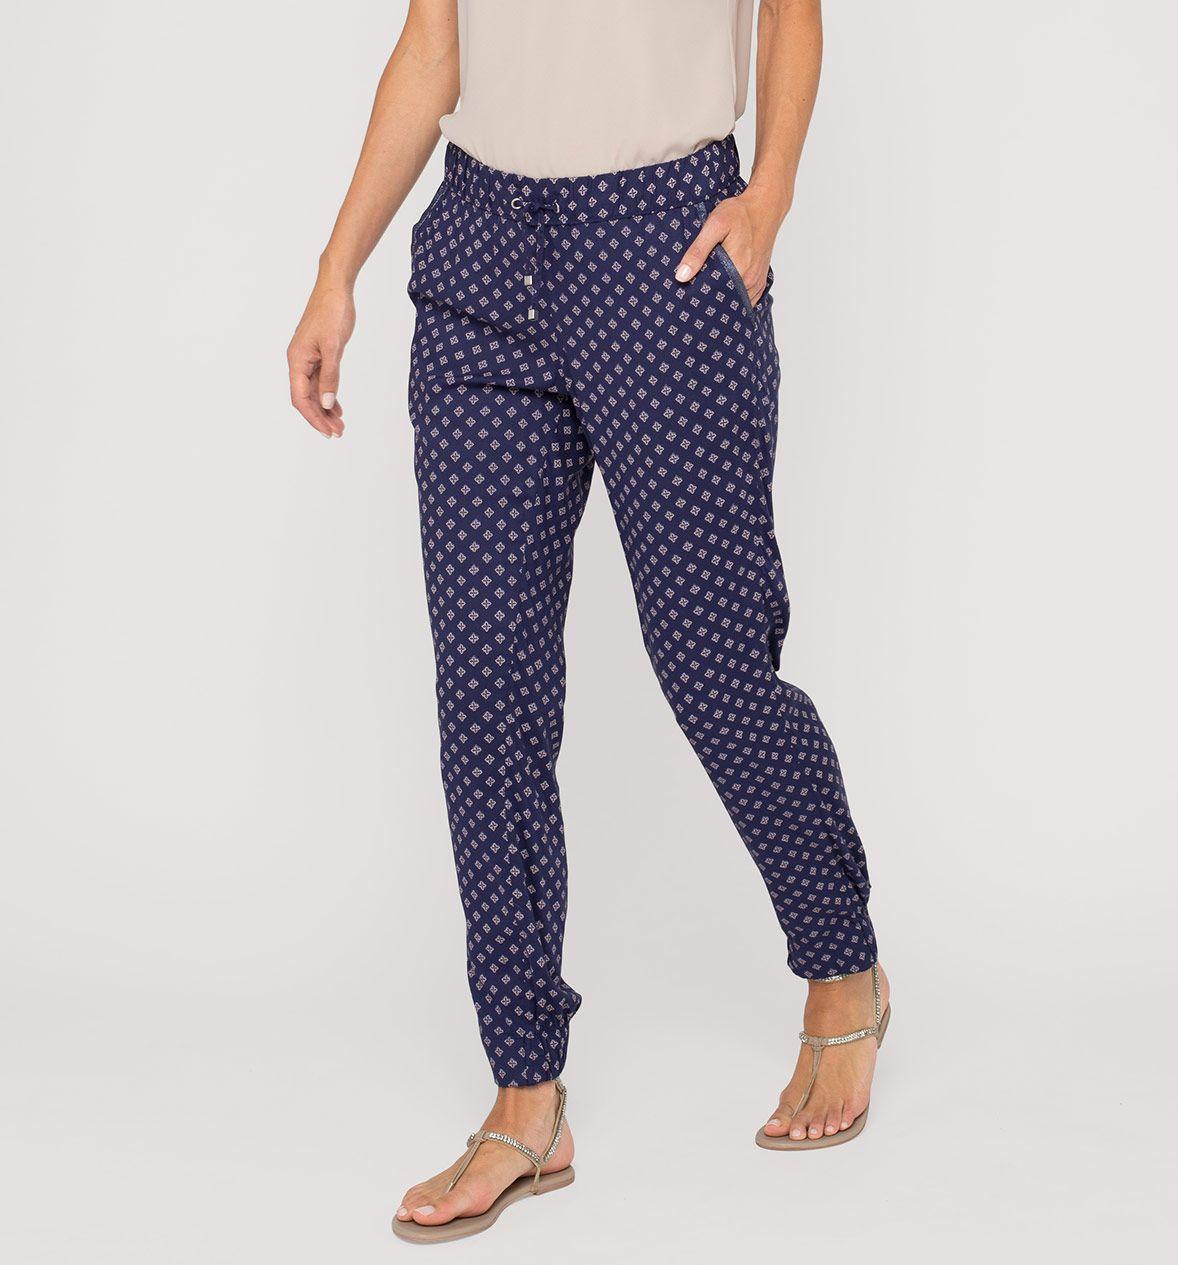 Lekkie Spodnie Z Dzialu Kobiety Kolor Ciemnoniebieski Niskie Ceny W Sklepie C A On Line Fashion Pajama Pants Pants